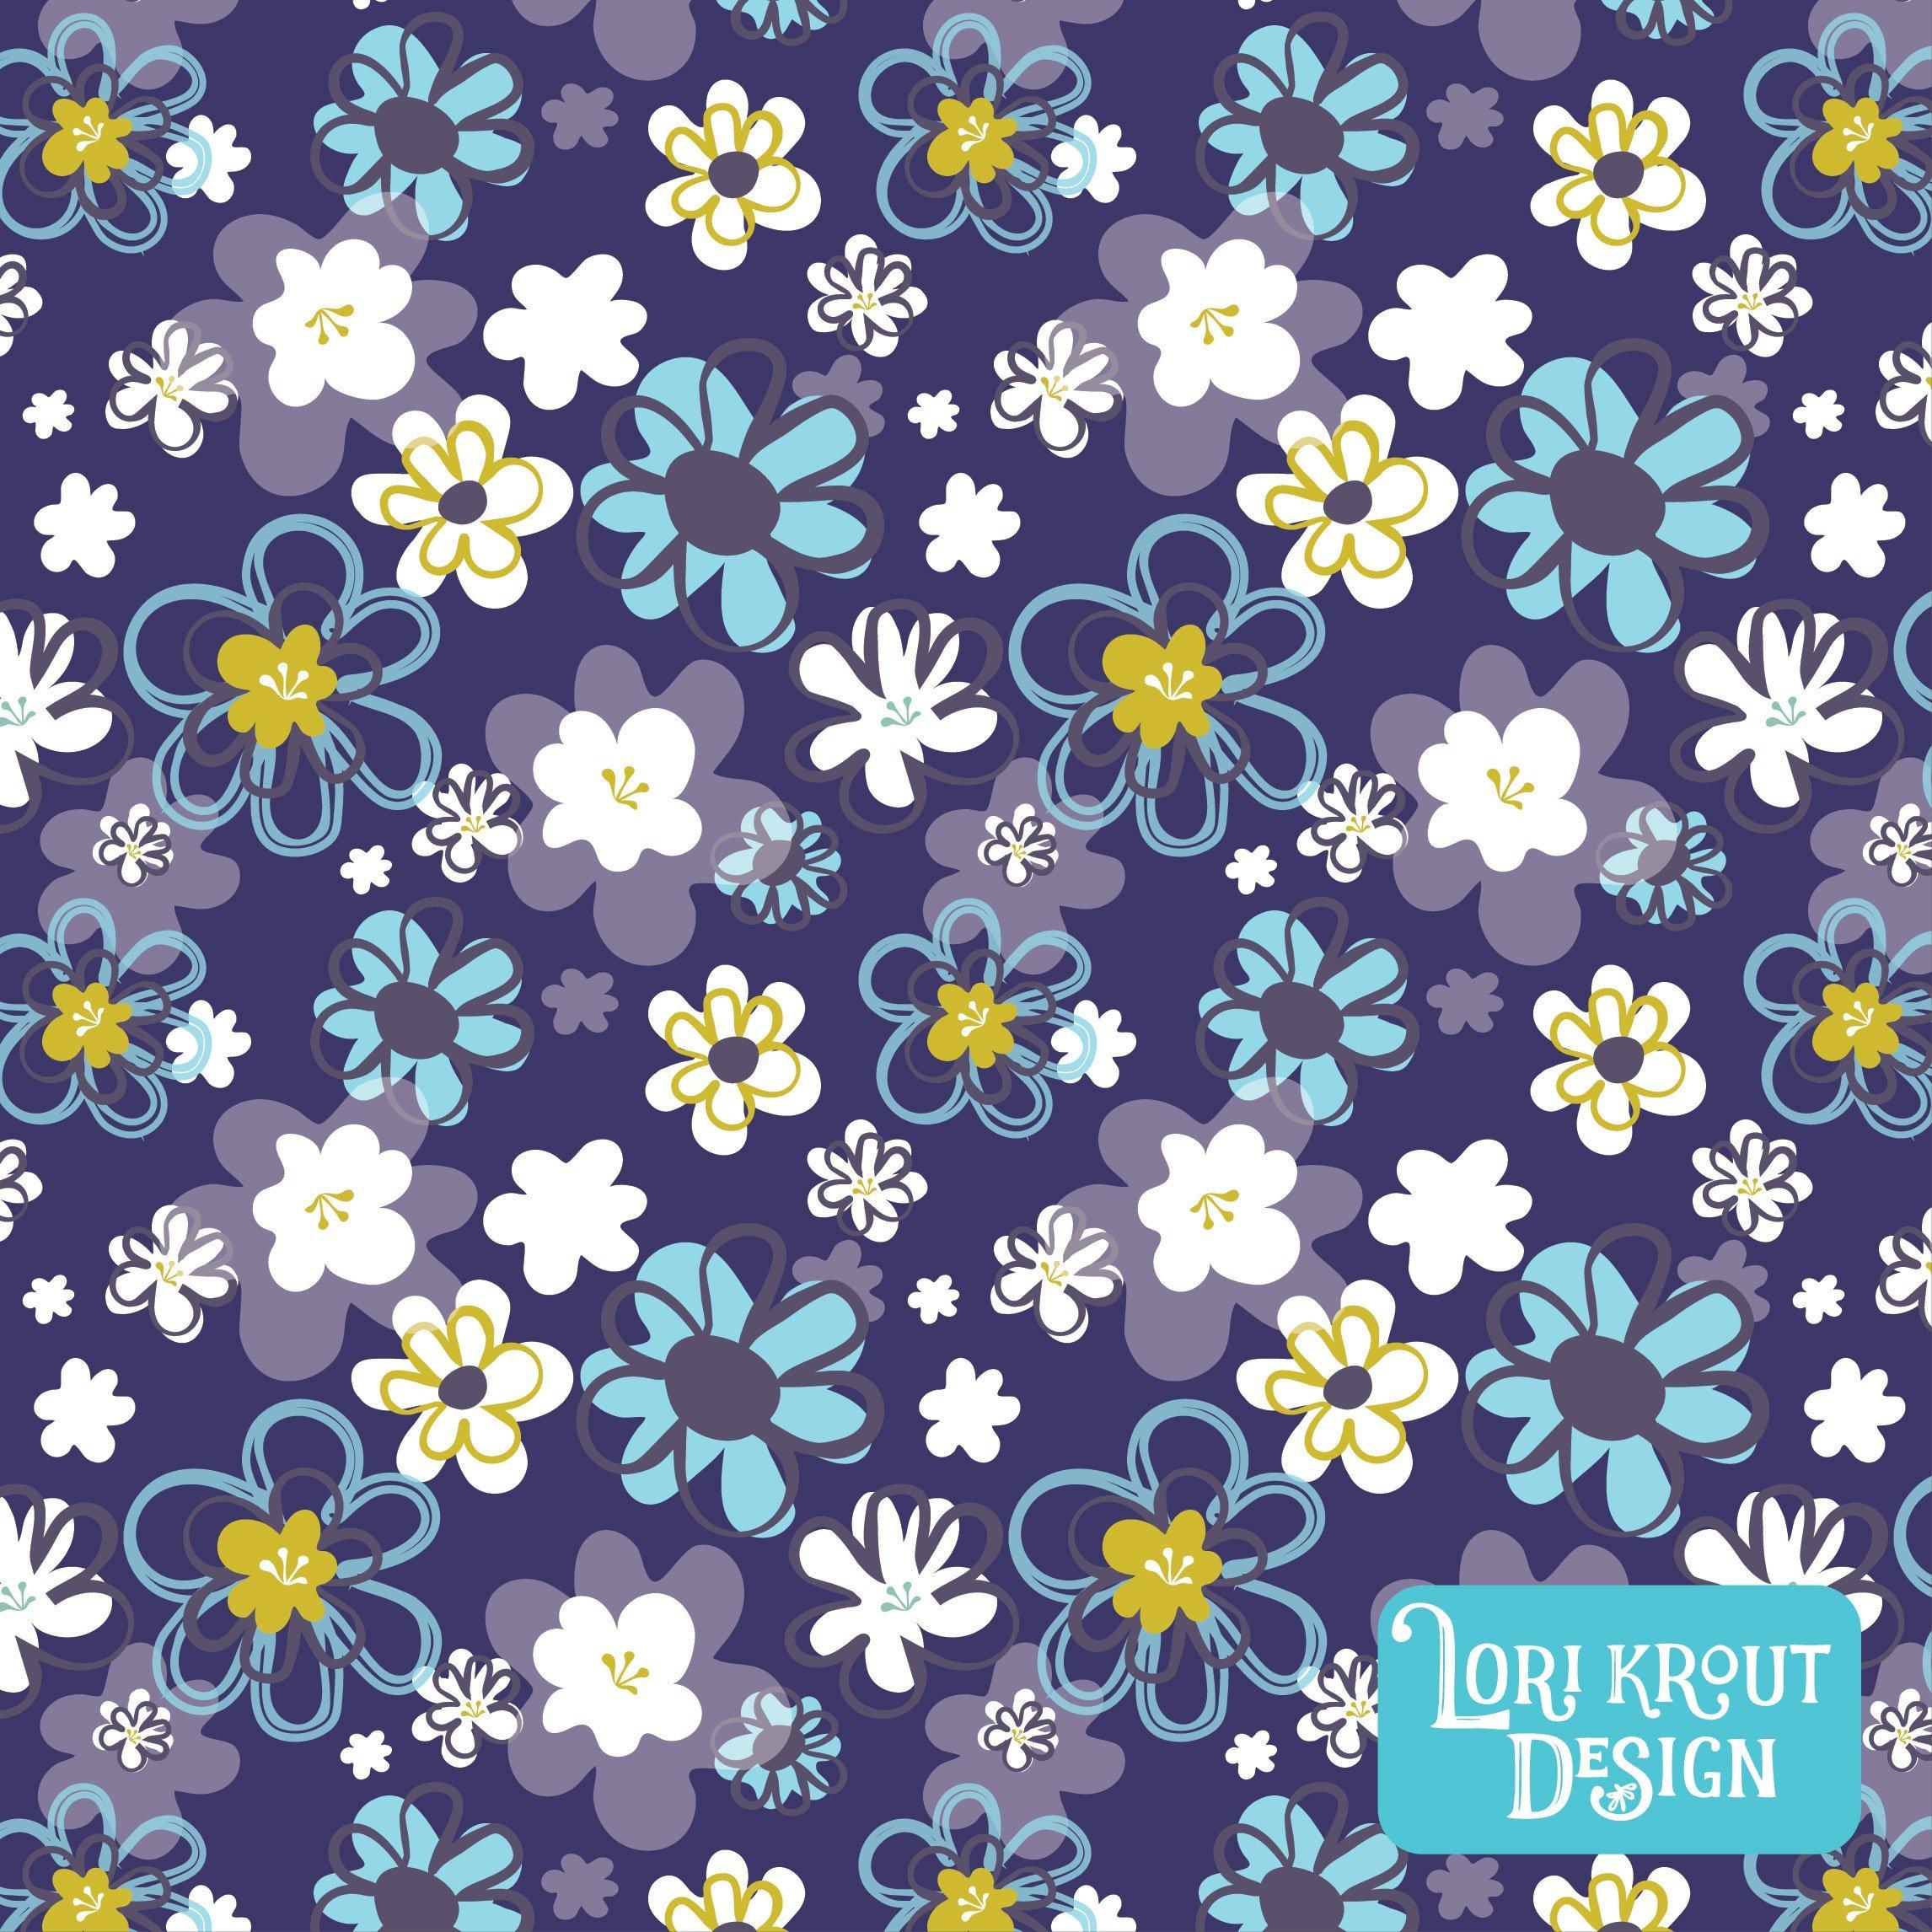 55.Lori-Krout---Flowerpop